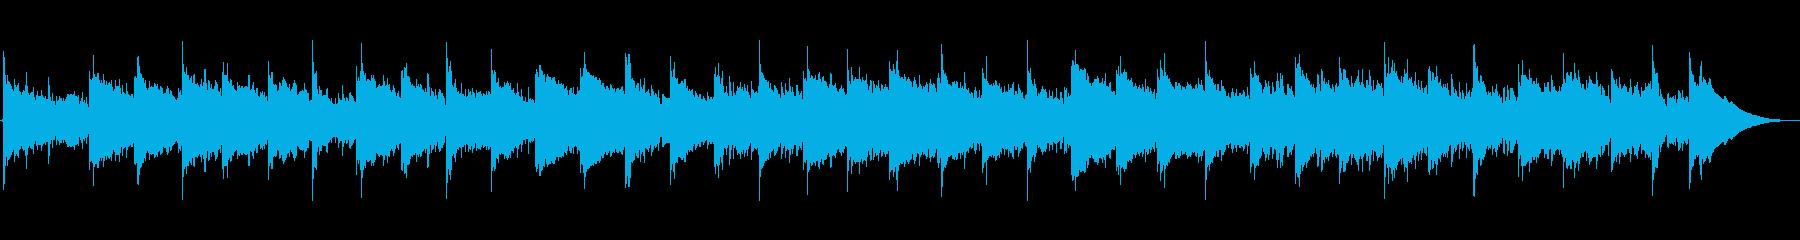 ノスタルジー 口笛 ギター BGM_2の再生済みの波形